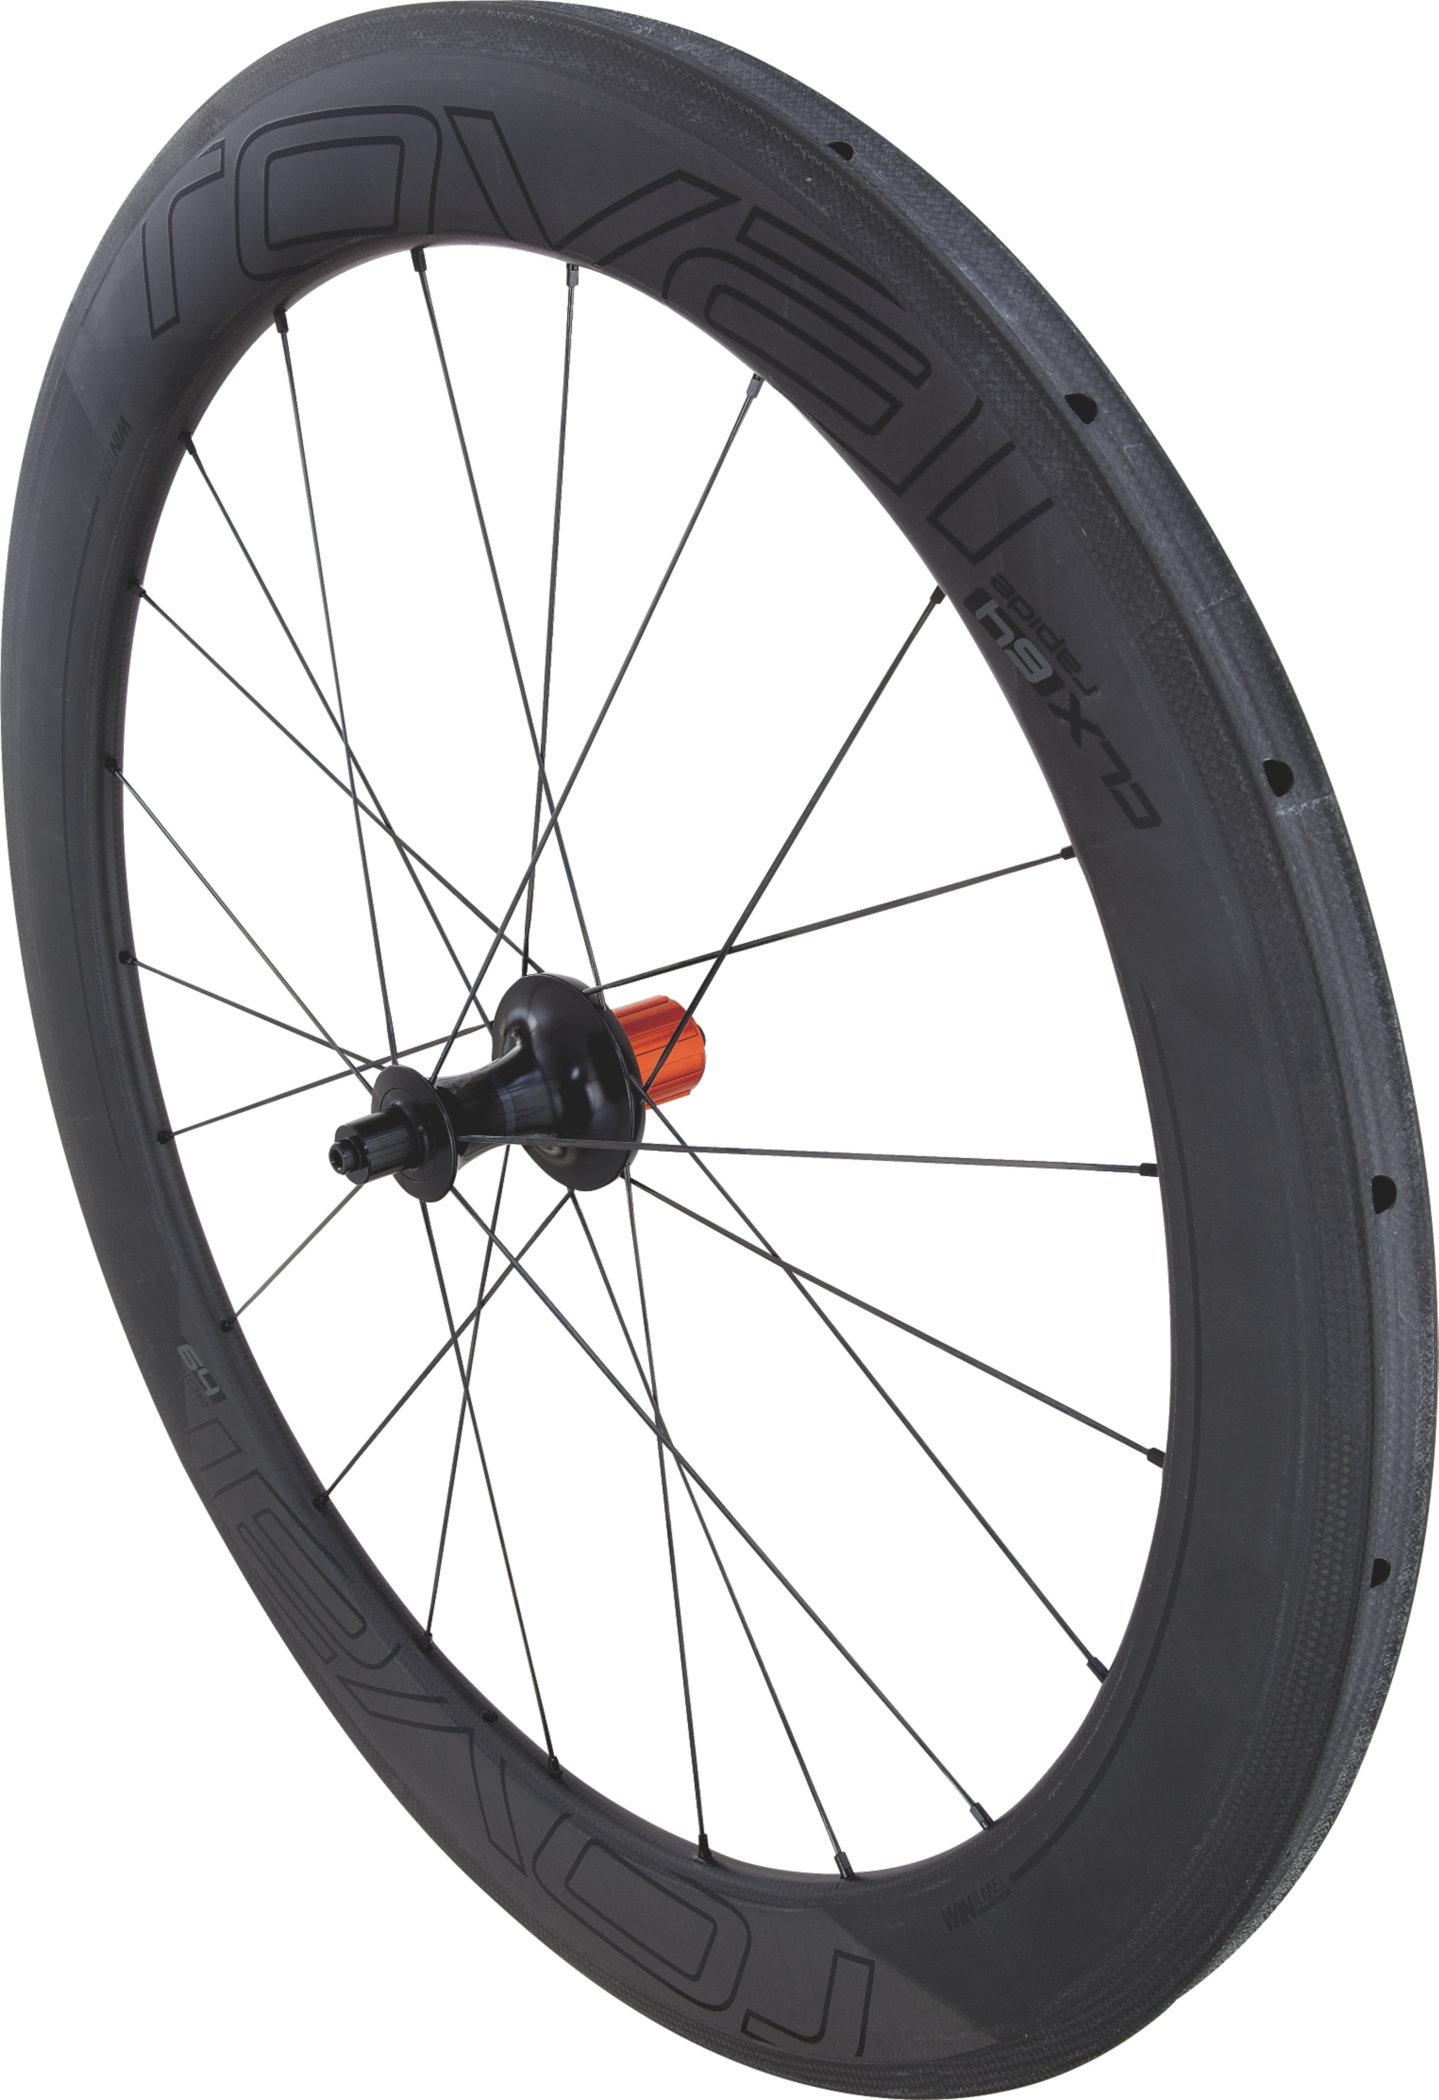 SPECIALIZED CLX 64 TU REAR SATIN CARBON/GLOSS BLK - Bike Zone